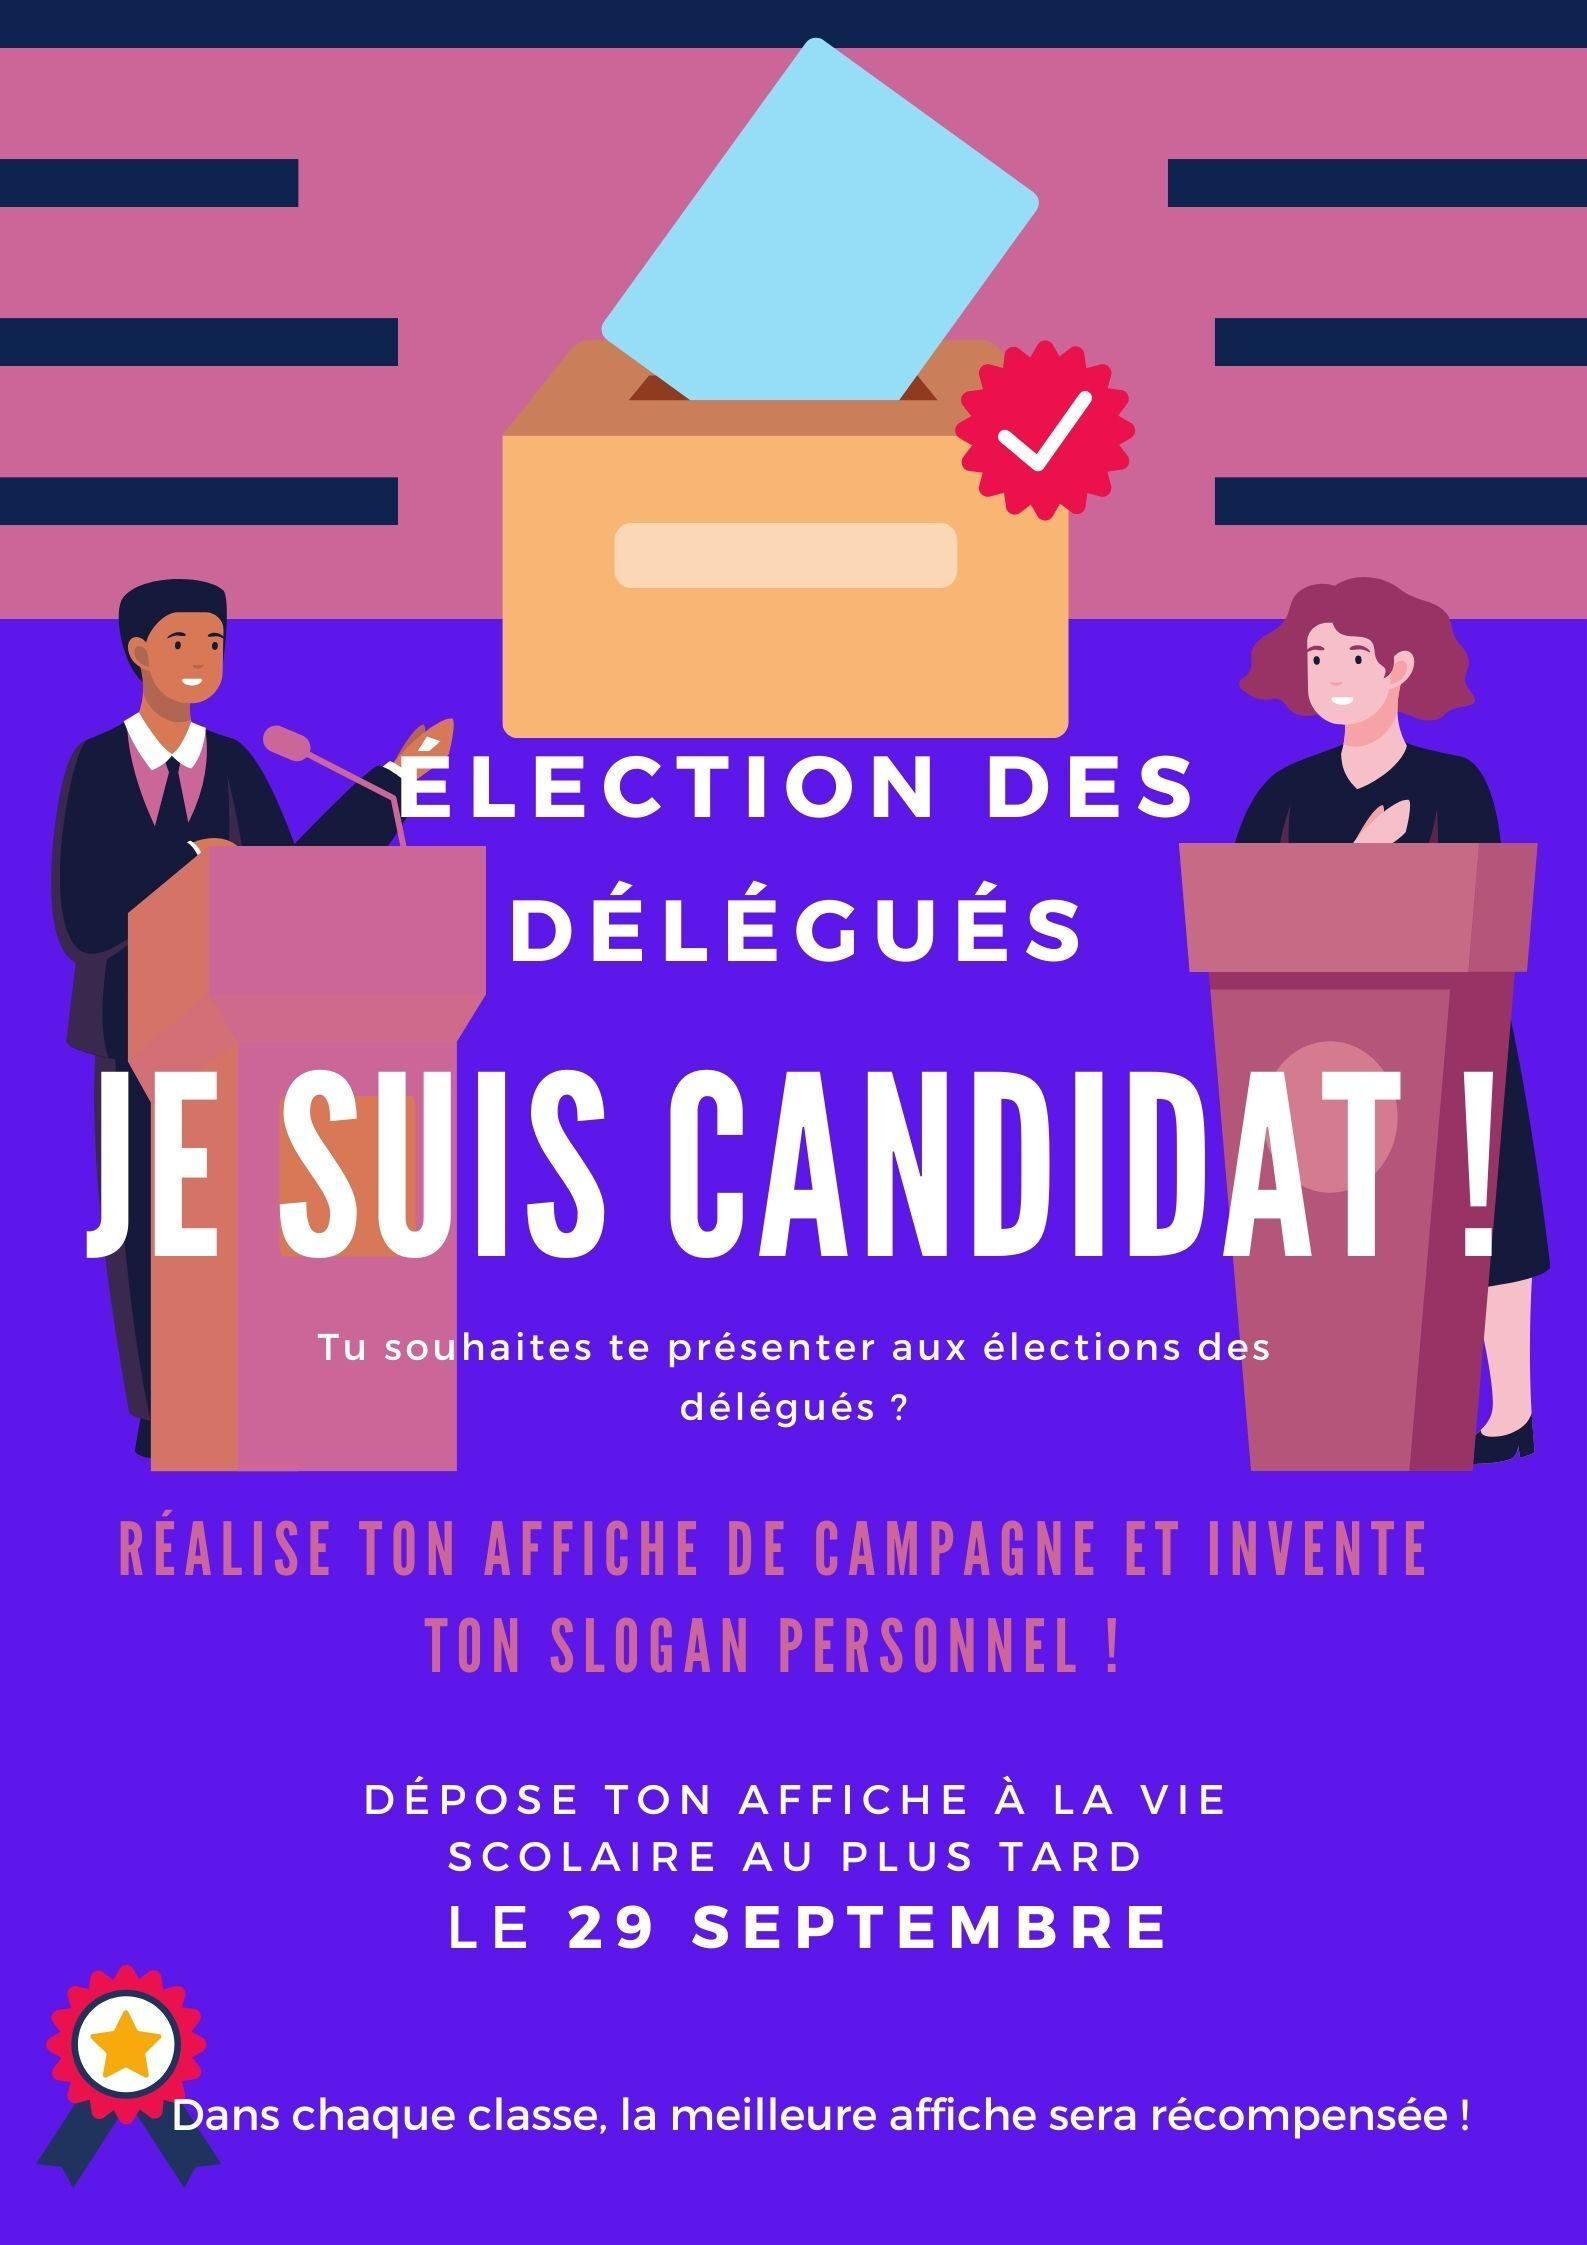 élection des délégués.jpg